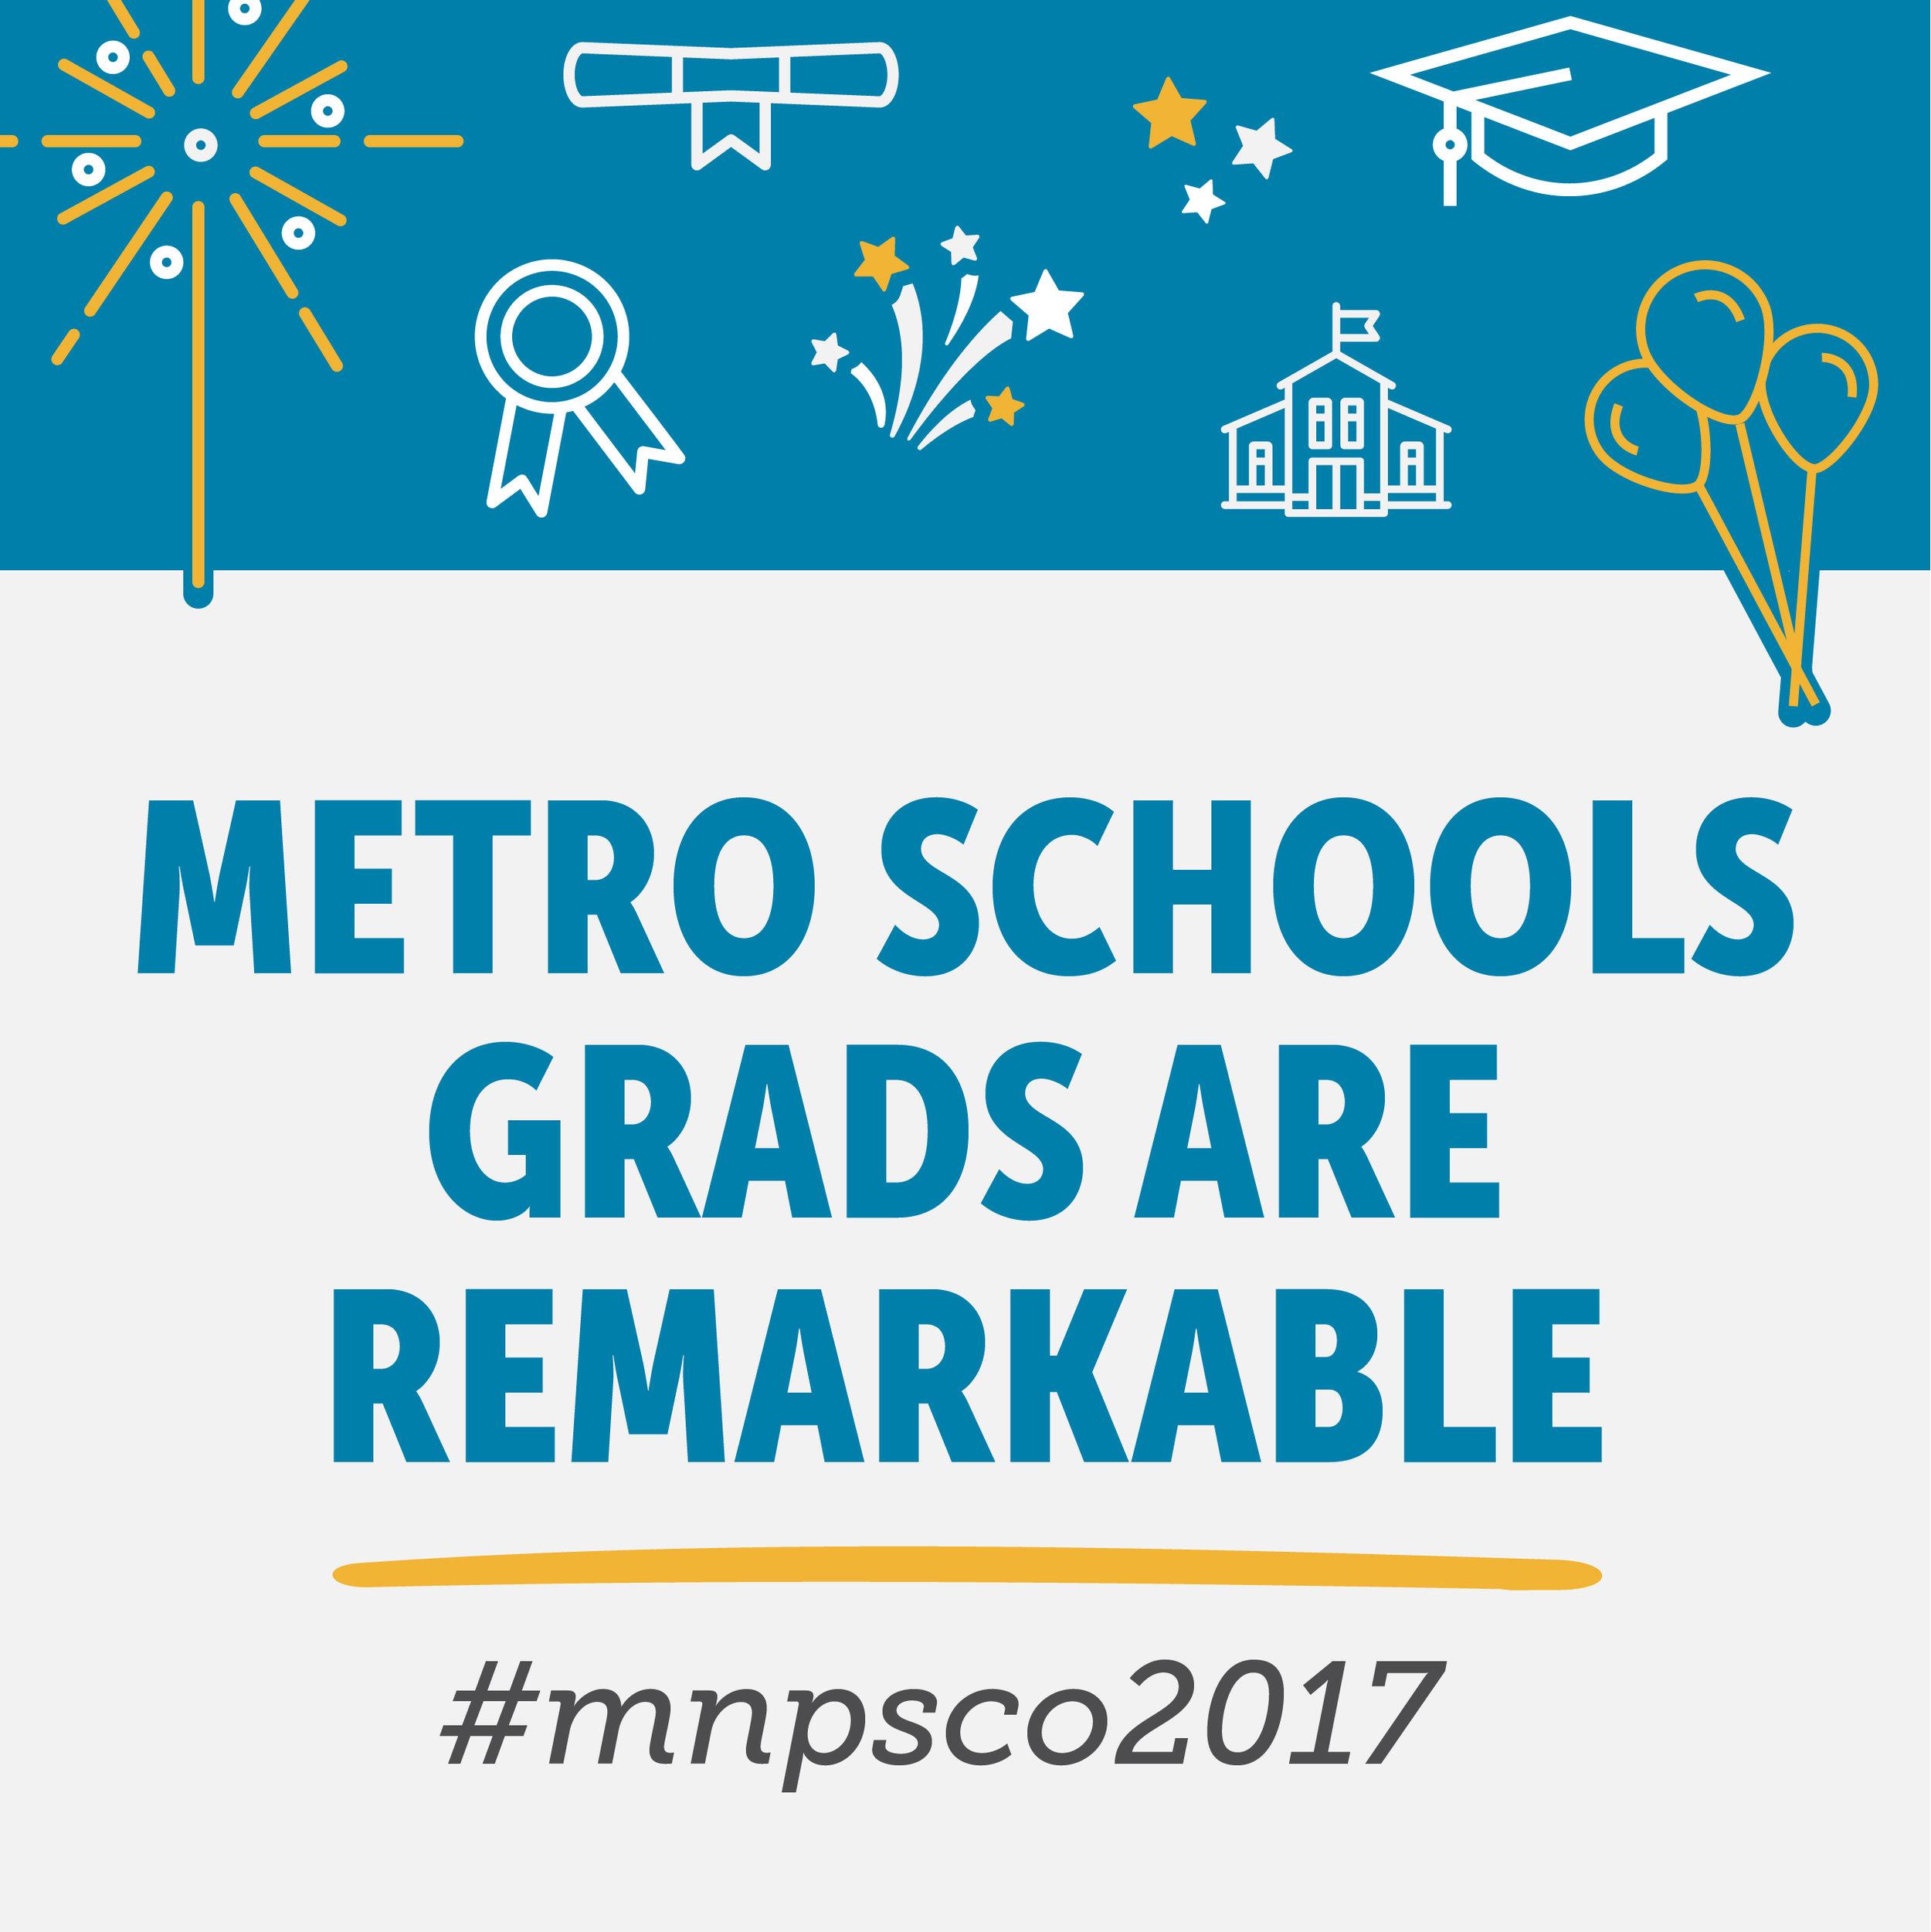 Graduation_Social-Media_2017_05